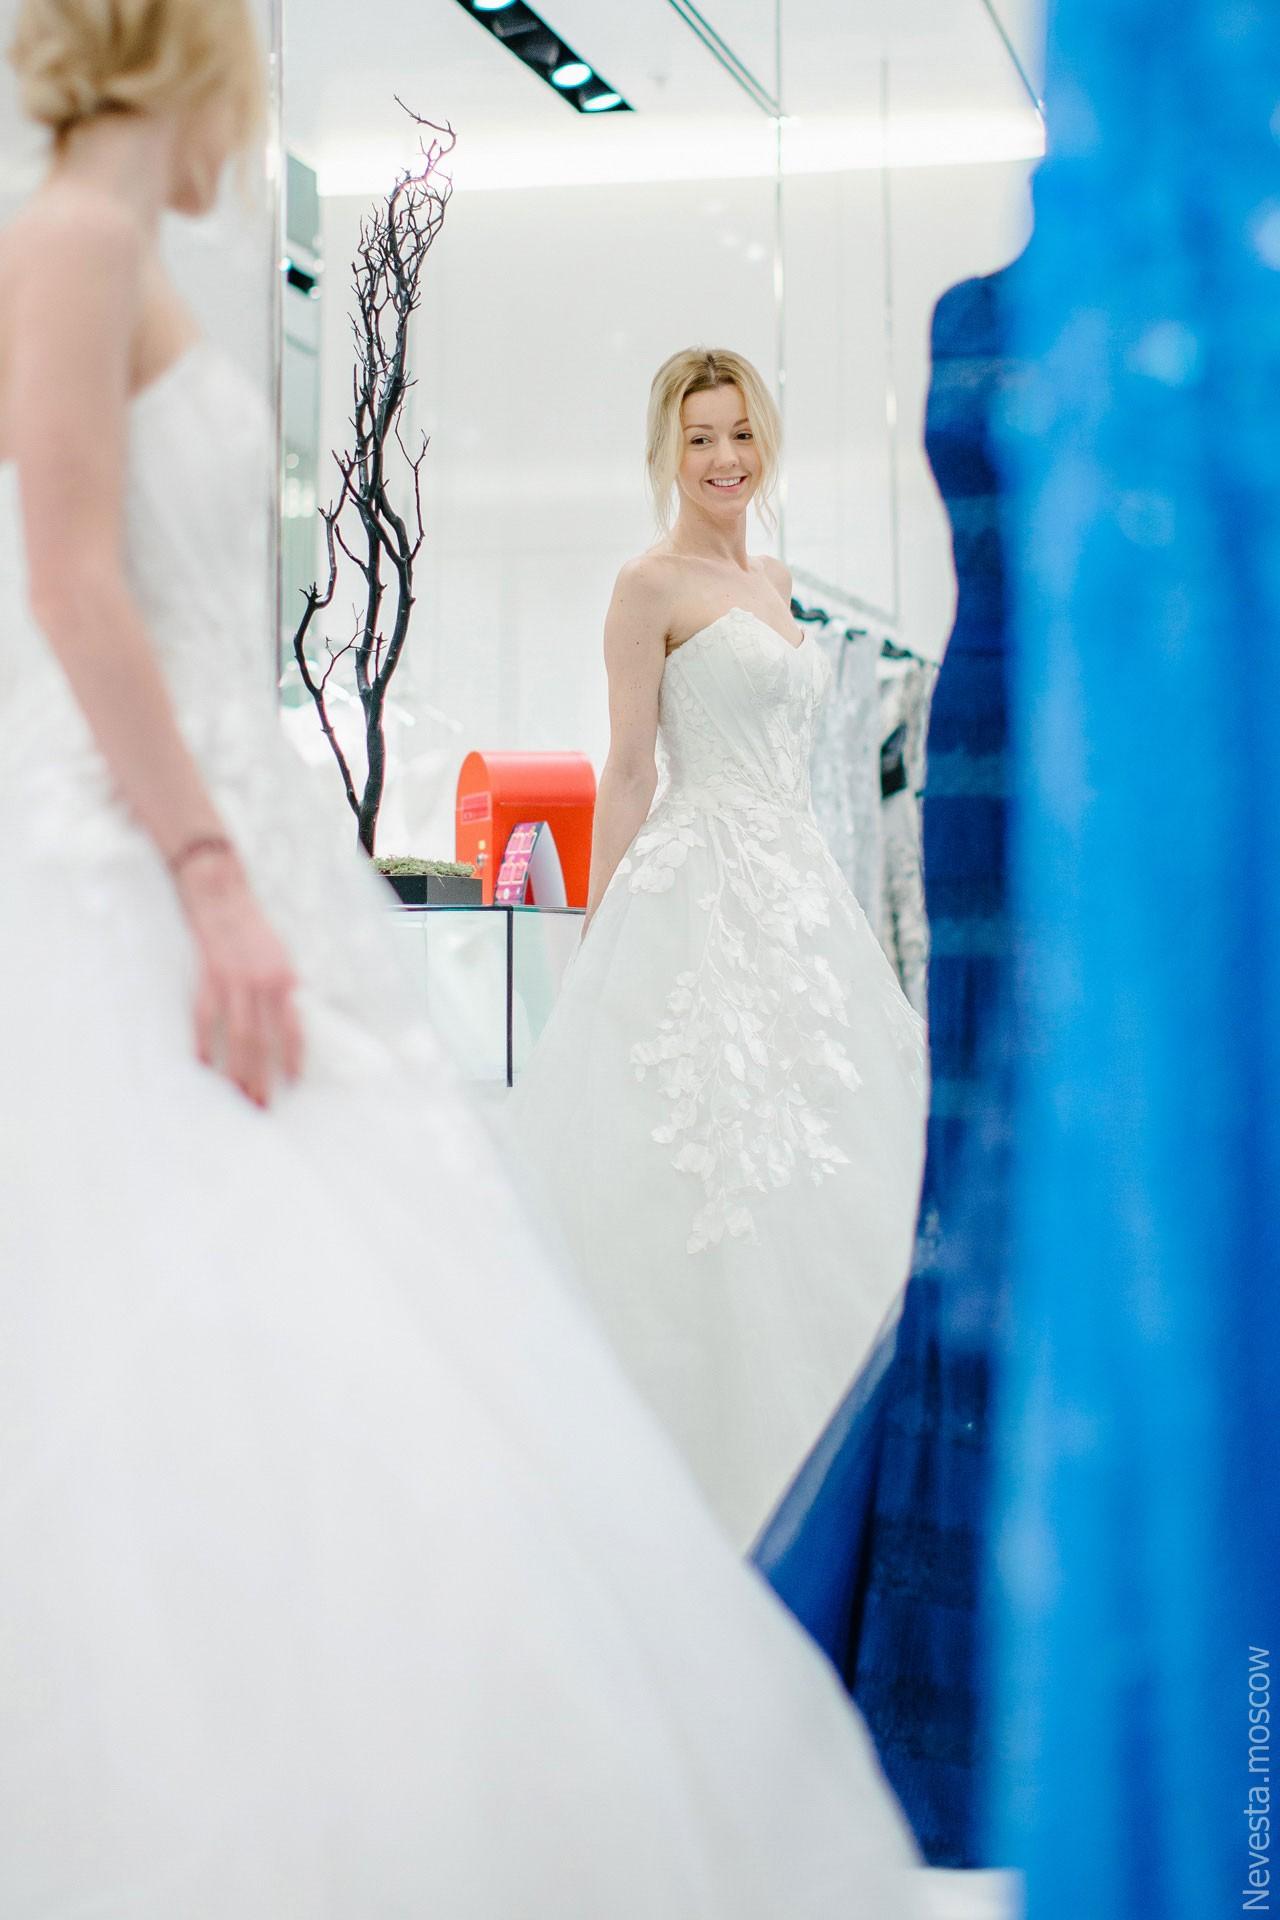 Юлианна Караулова примеряет образ для весенней свадьбы